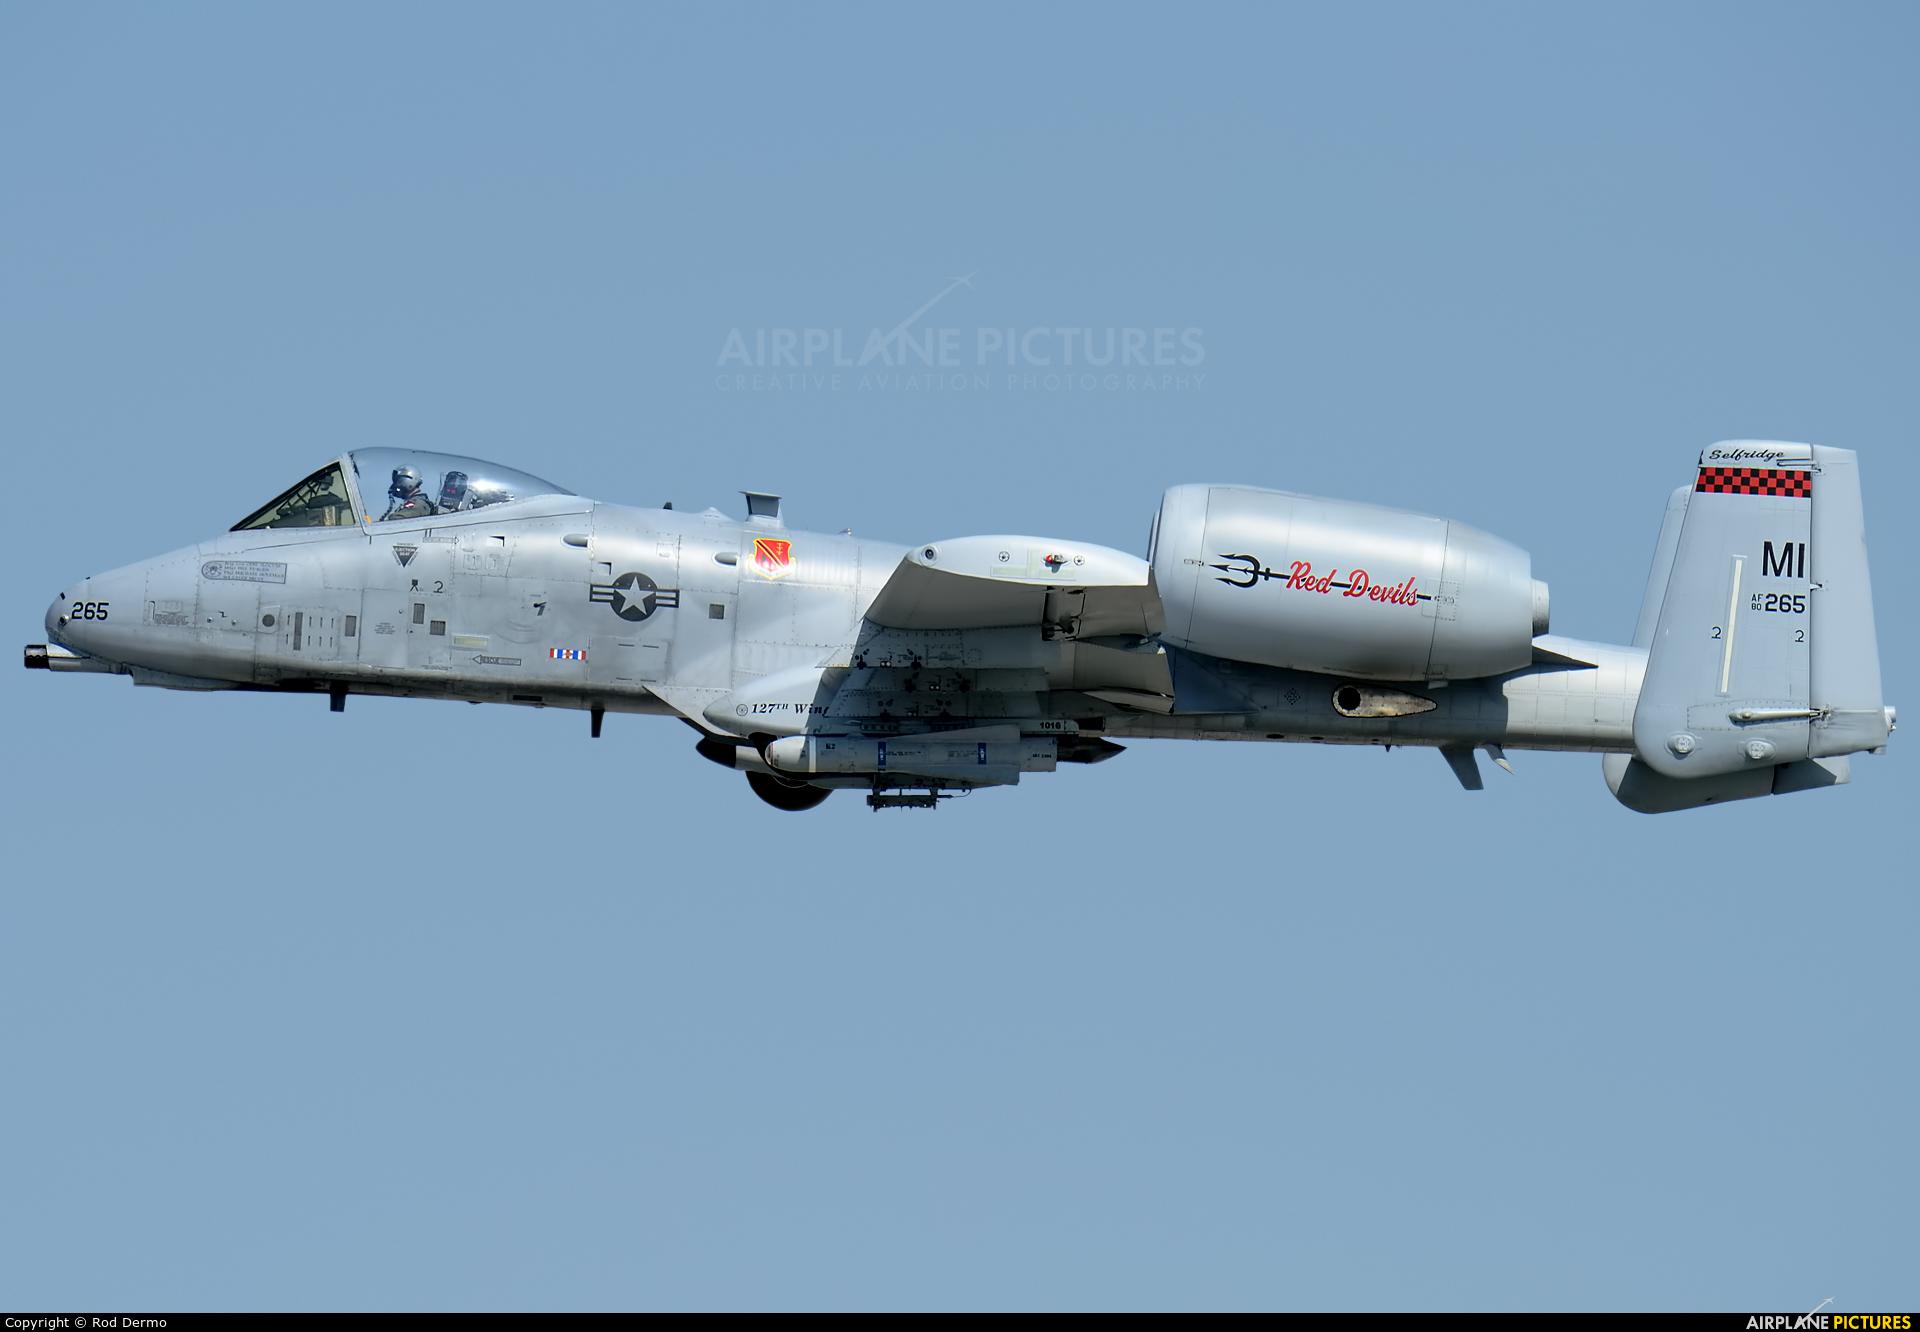 USA - Air Force 80-0265 aircraft at London  Intl, ON